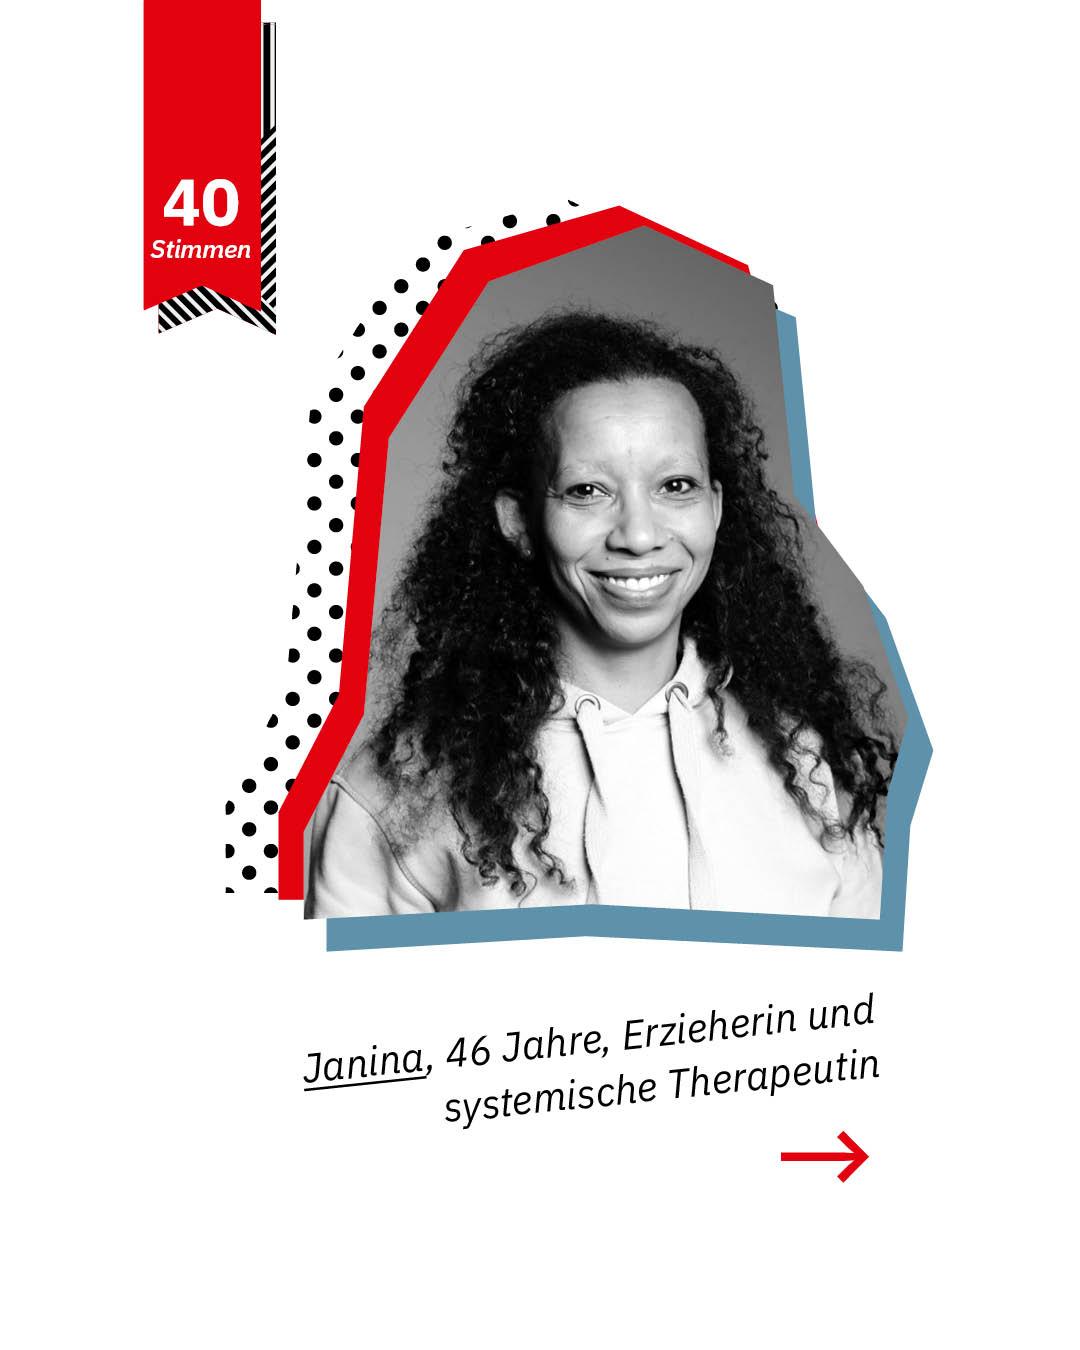 Statement 40 Jahre Gleichberechtigung, Janina, Erzieherin und systemische Therapeuten